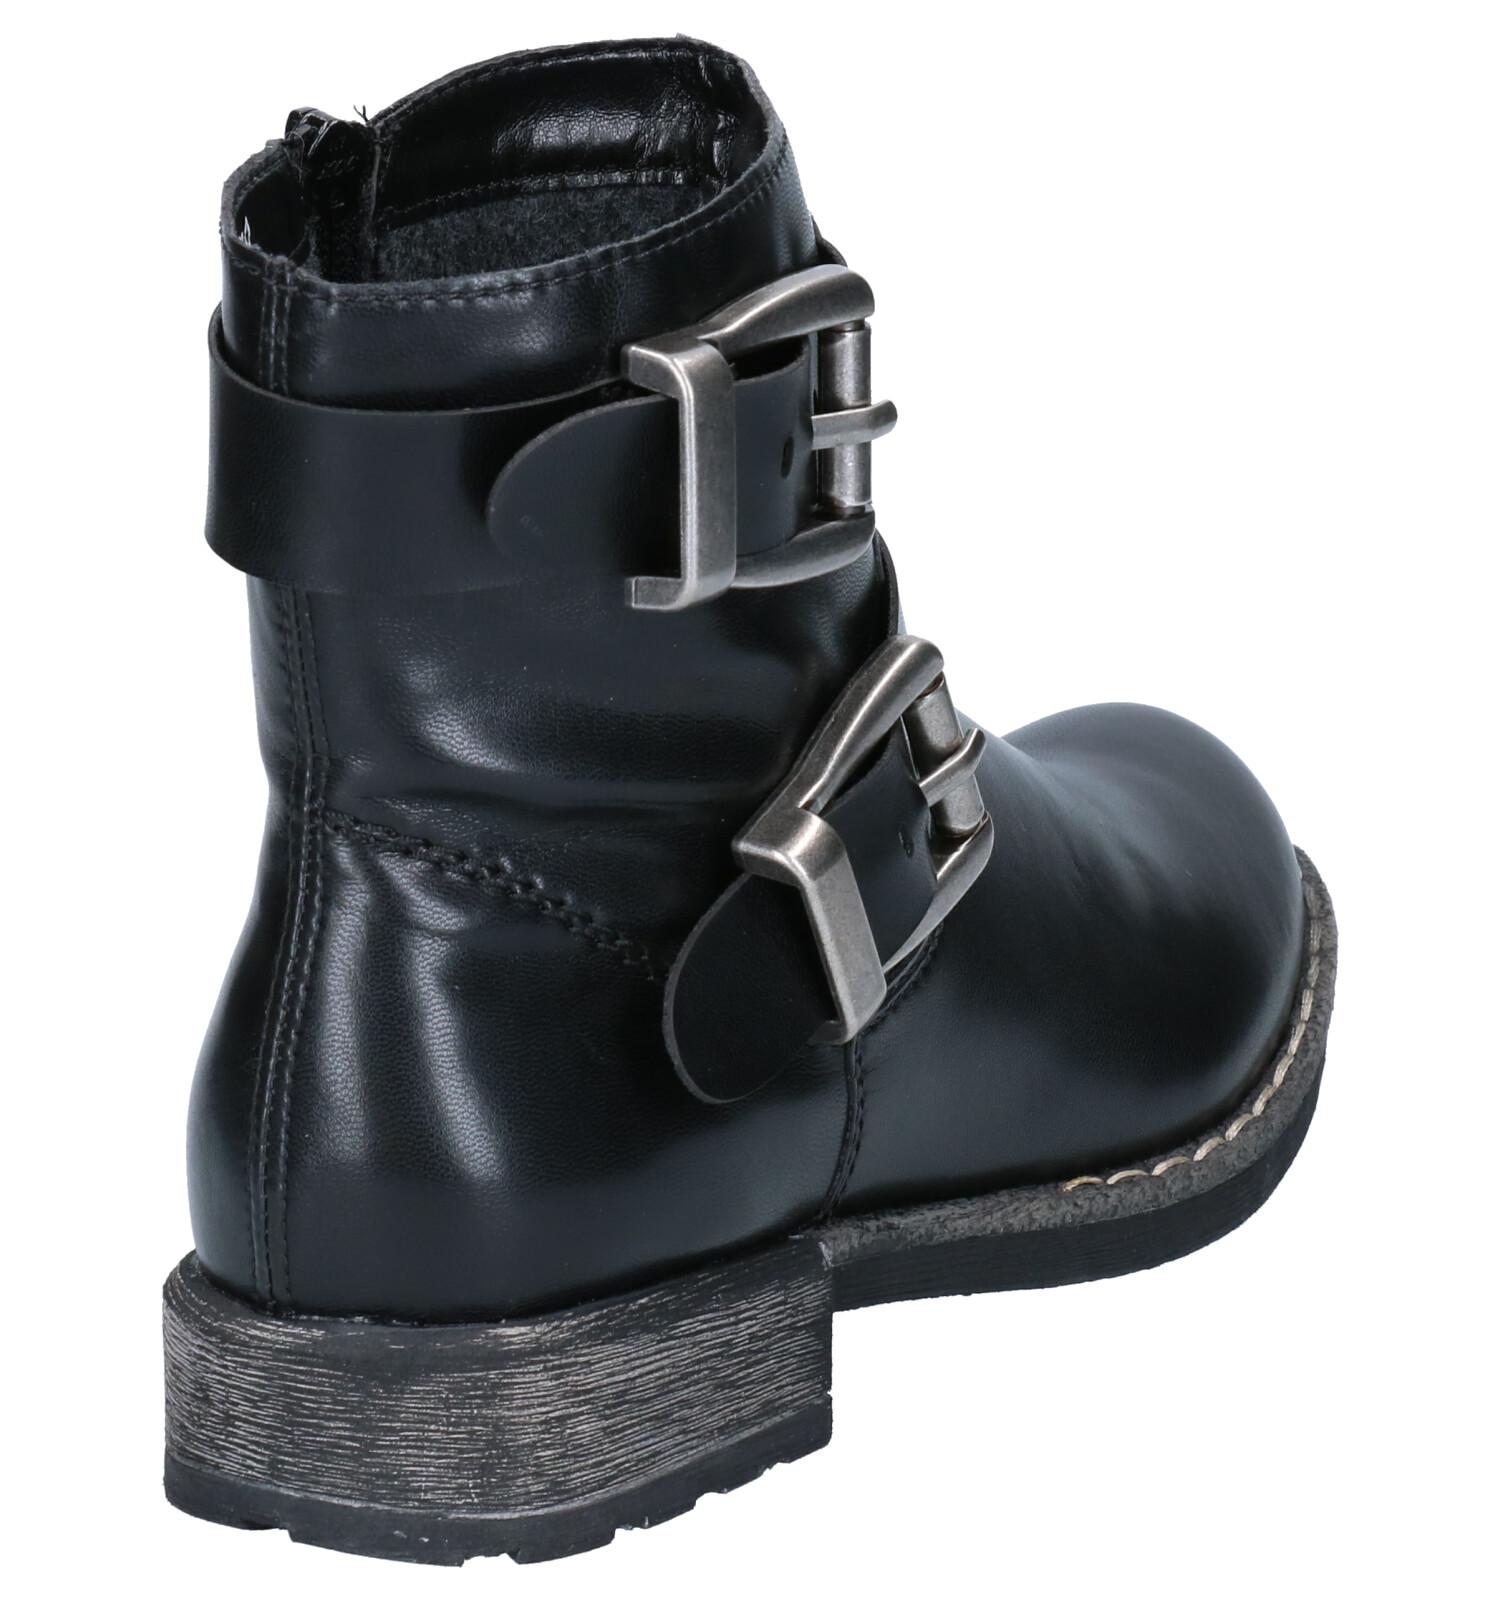 Boots Stoere Zwarte Zwarte Rieker Boots Stoere Boots Zwarte Rieker Rieker Stoere Stoere c5jqR4LA3S